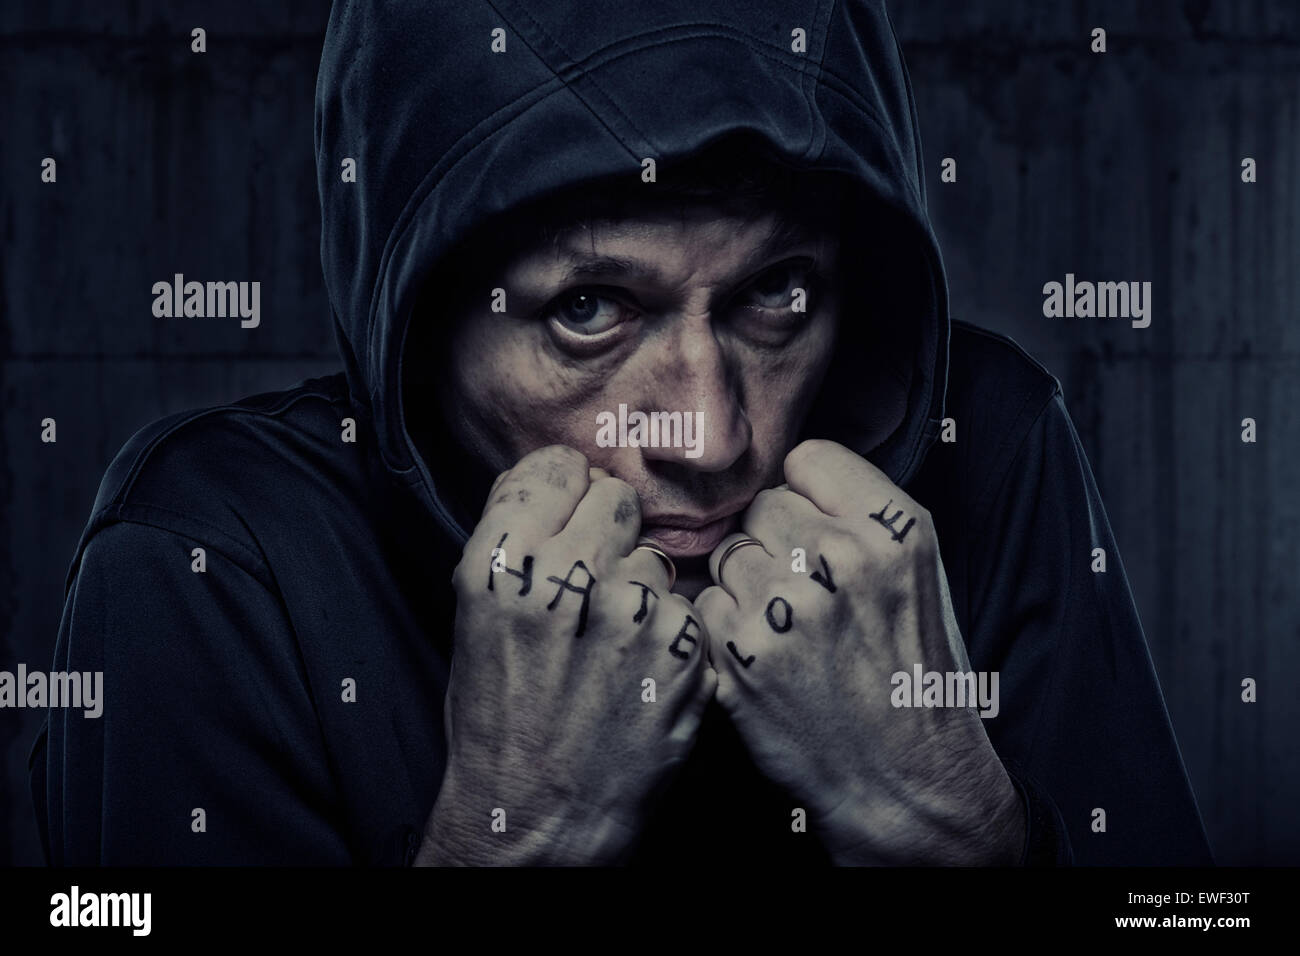 Canosa hombre chaqueta con capucha puños marcados 'Hate' y 'amor' Imagen De Stock